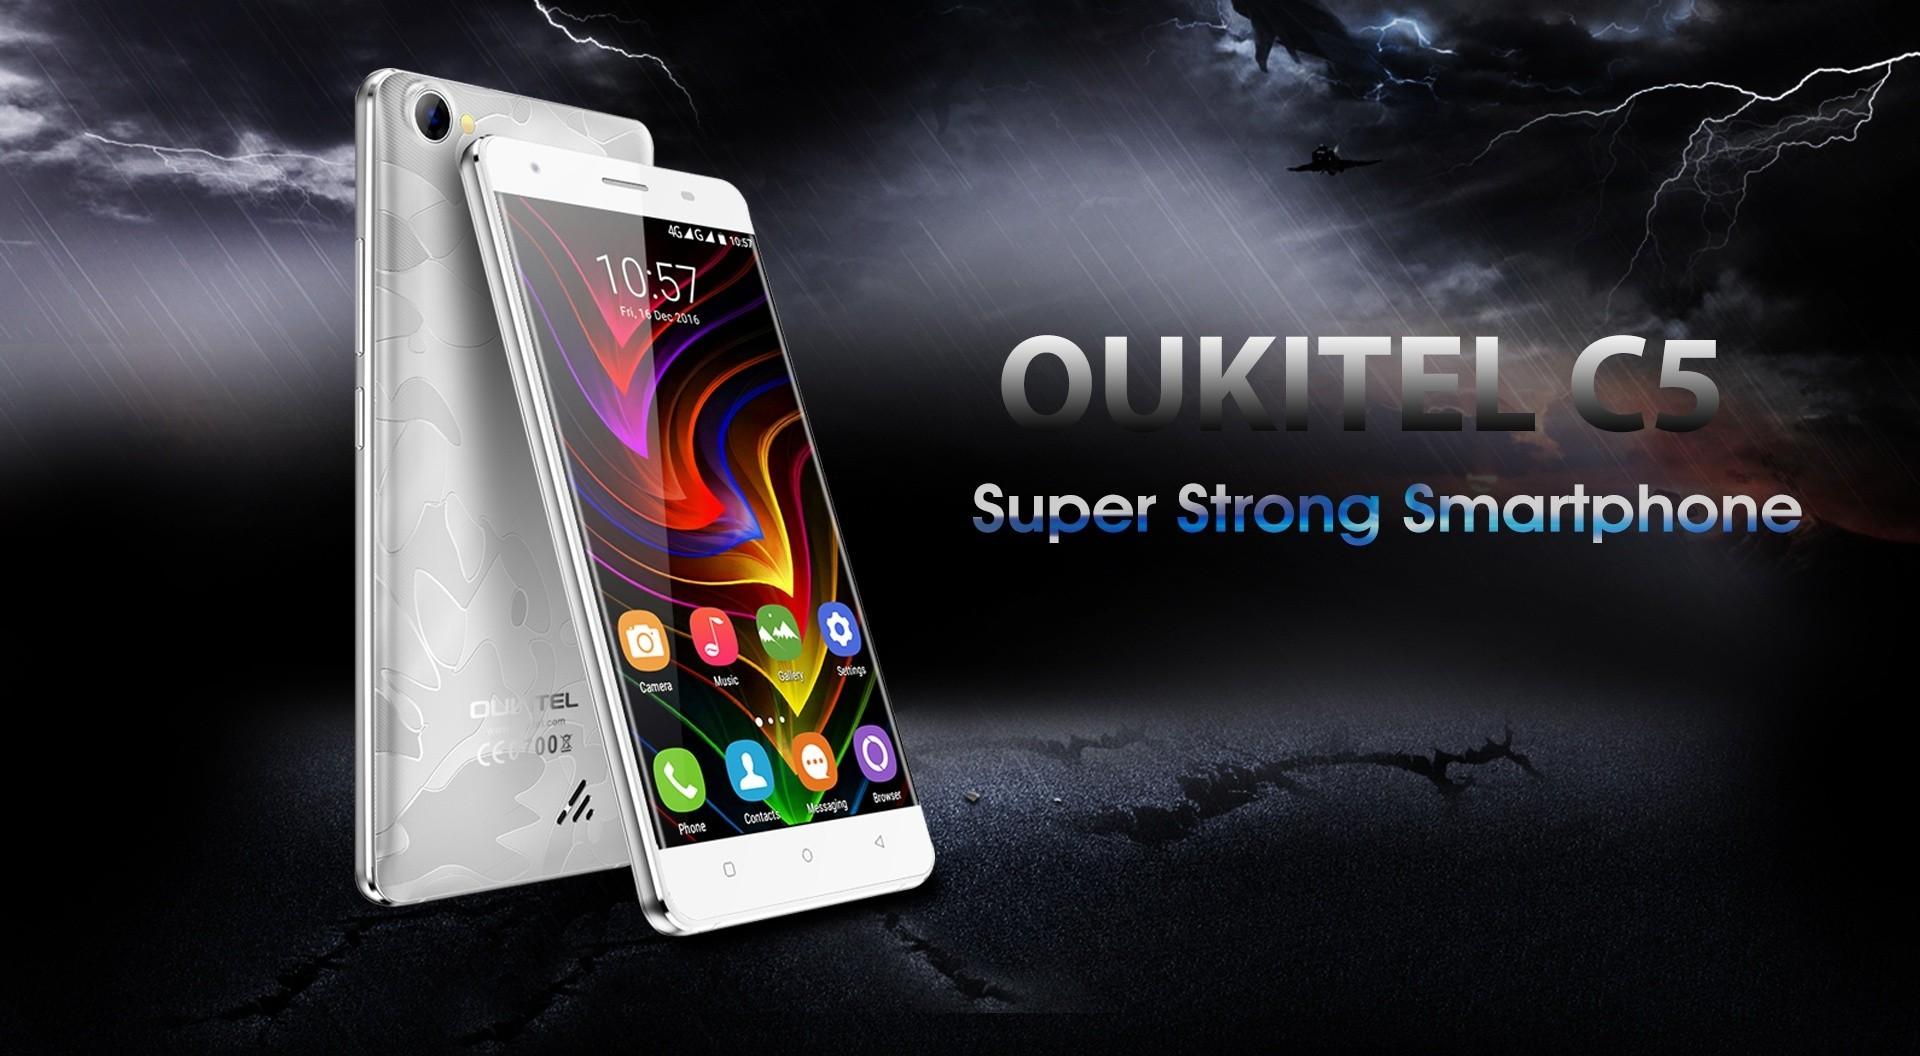 OUKITEL C5, prezzo super economico, connettività 3G e Android 7.0 Nougat